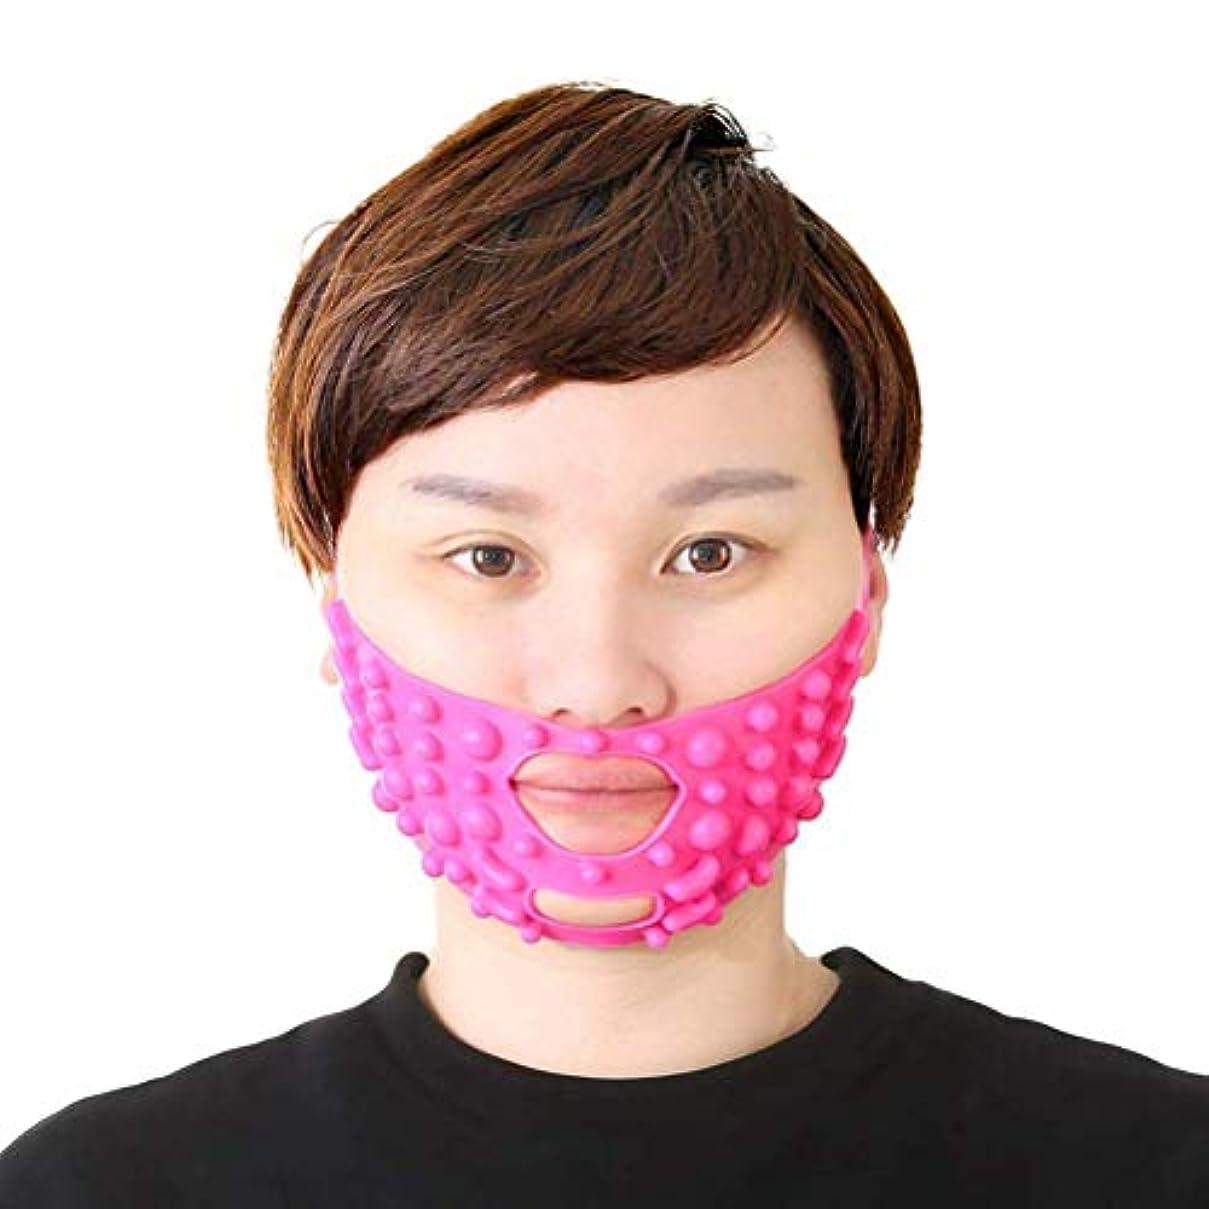 迫害アルネ災害二重あごベルト、薄いフェイスマスク包帯、頬スリムVフェイスベルト、痩身包帯通気性ストレッチ